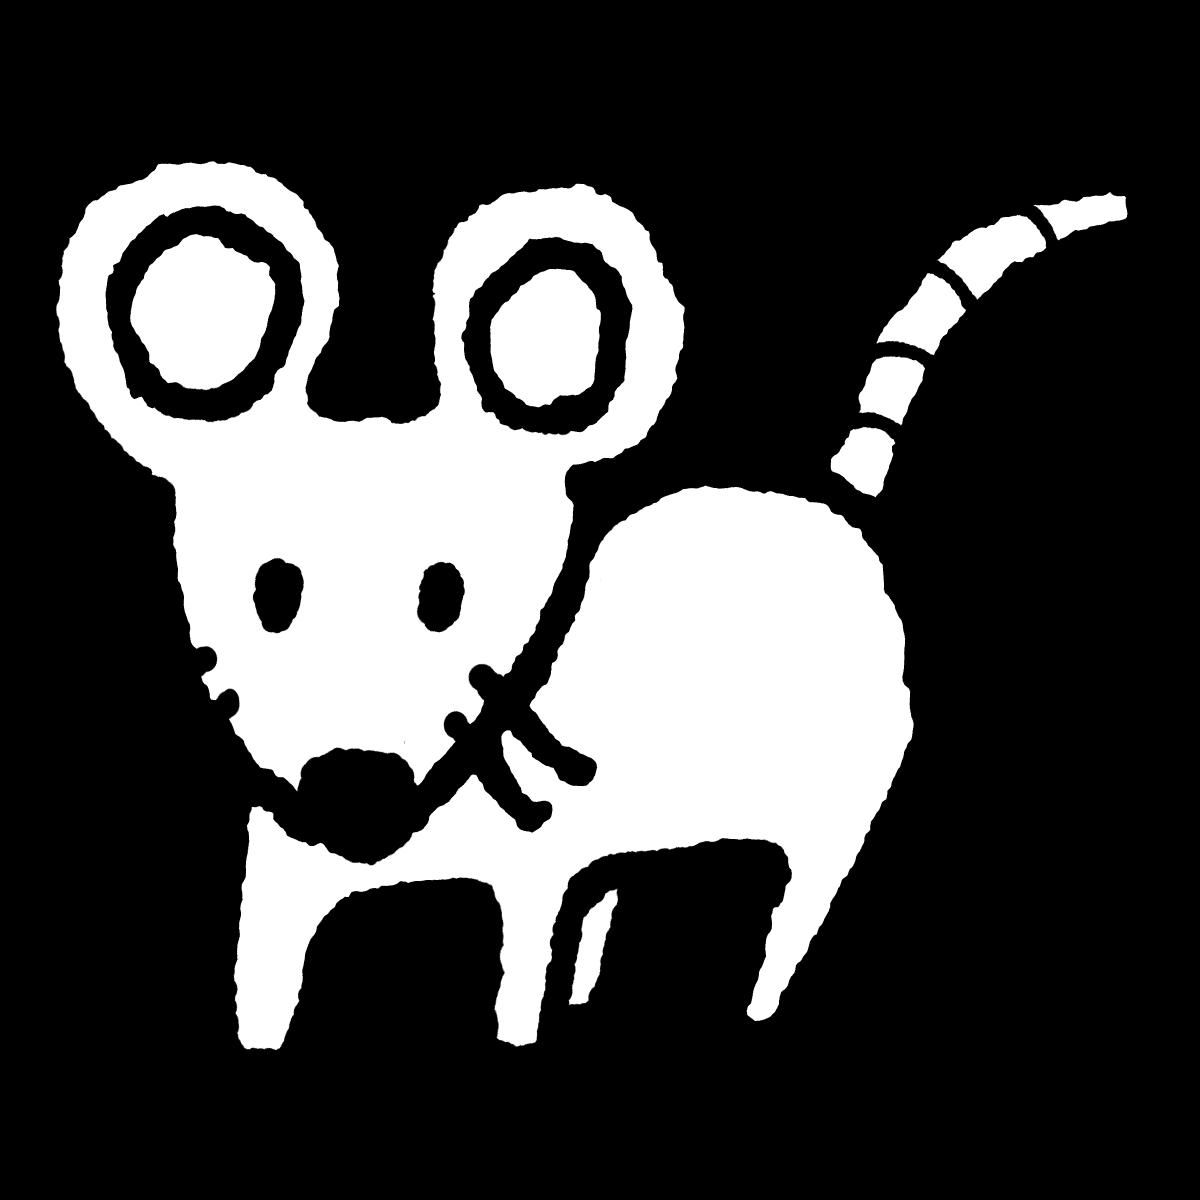 立つネズミ1のイラスト Standing mouse 1  Illustration